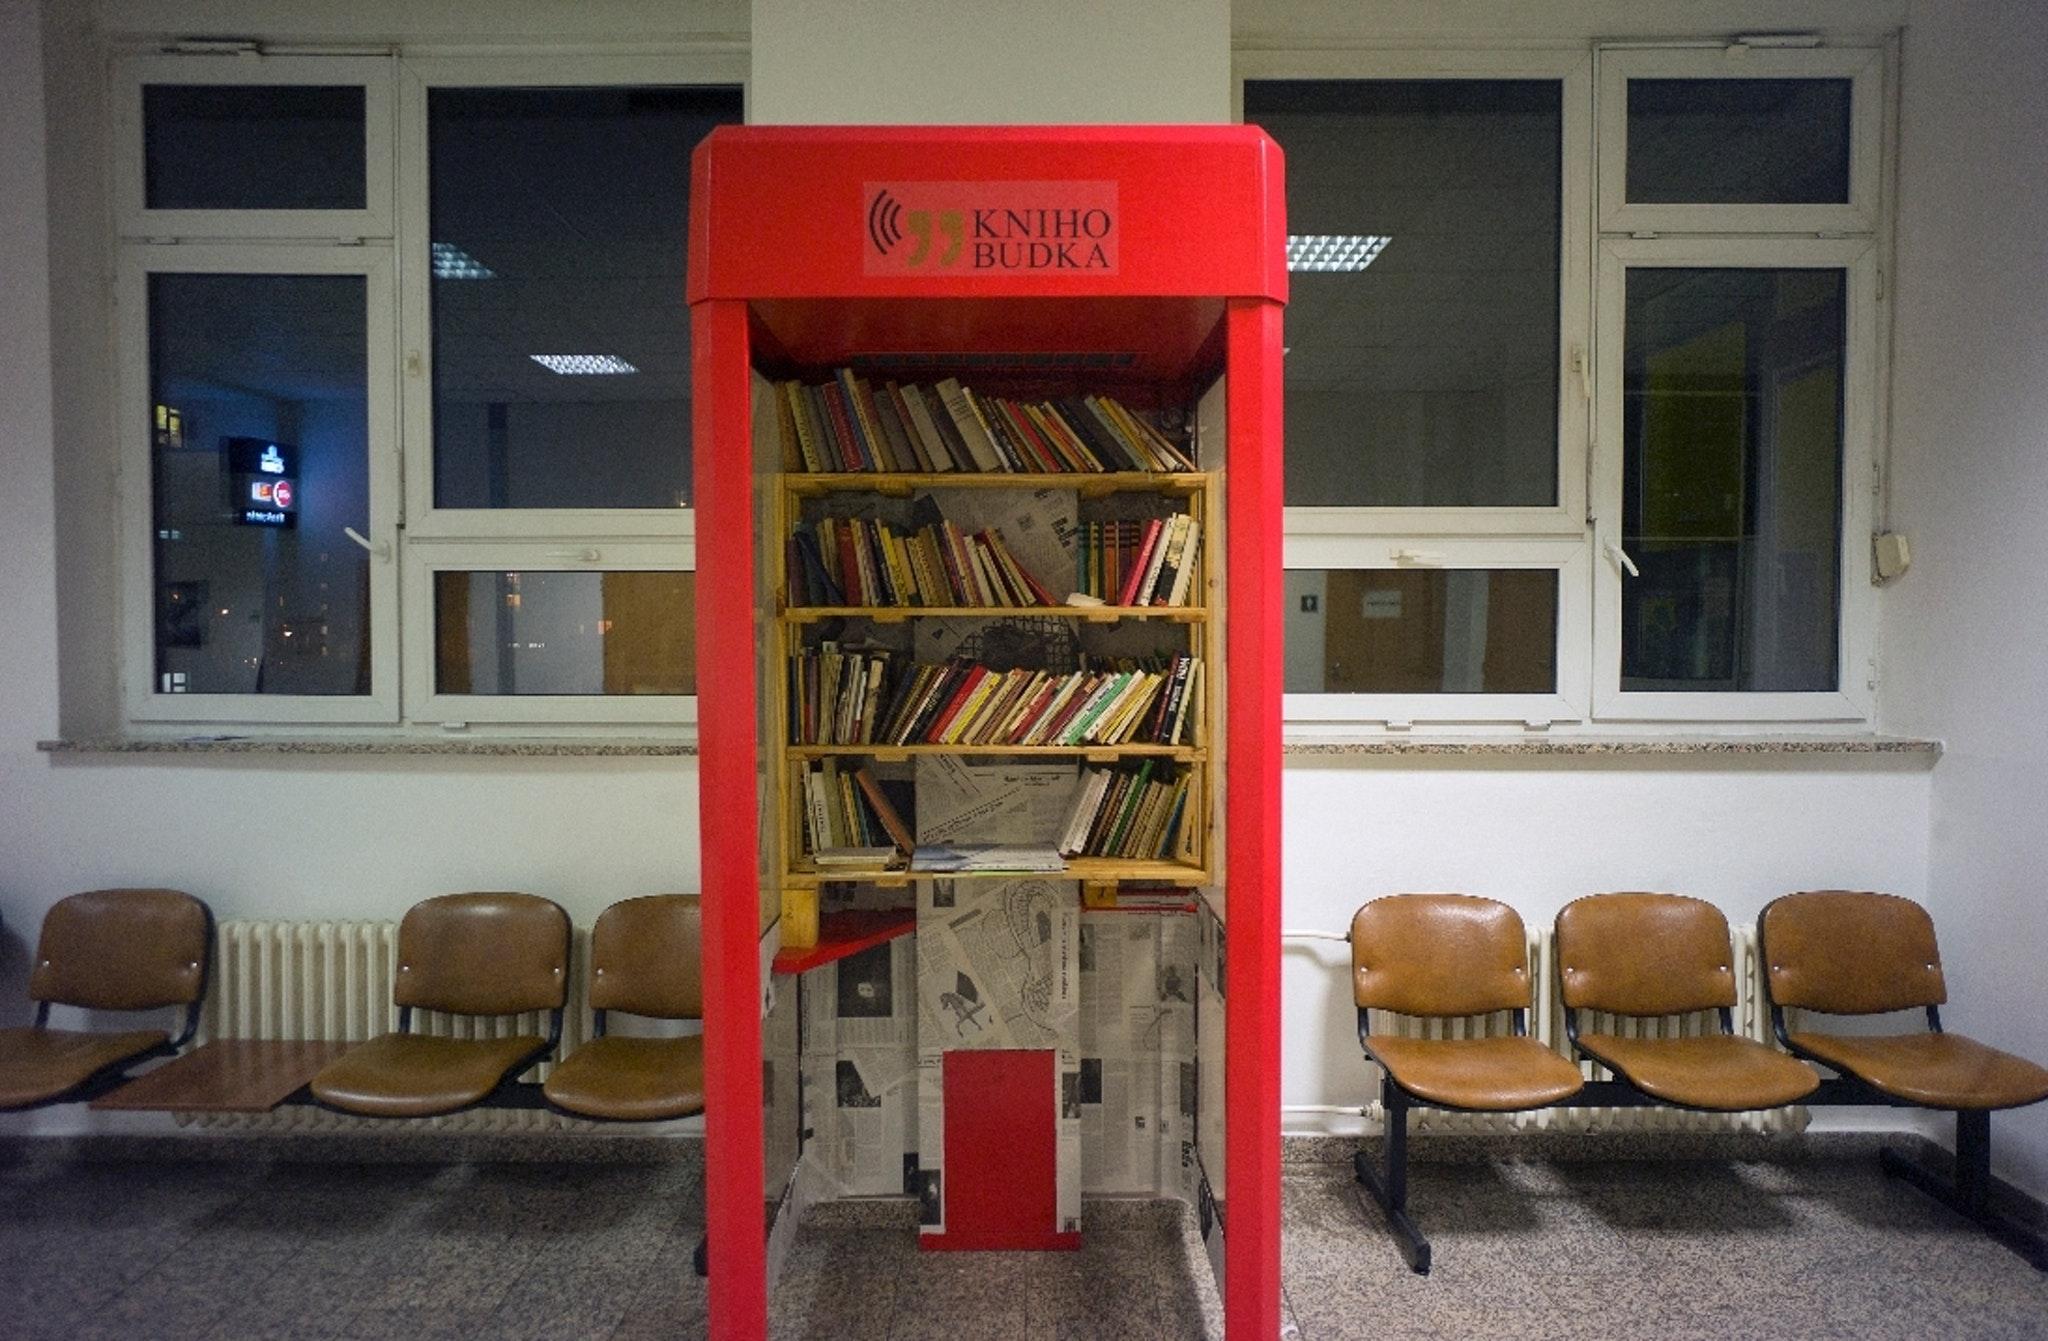 IKEM Hospital Phone Booth Library, Prague, Czech Republic